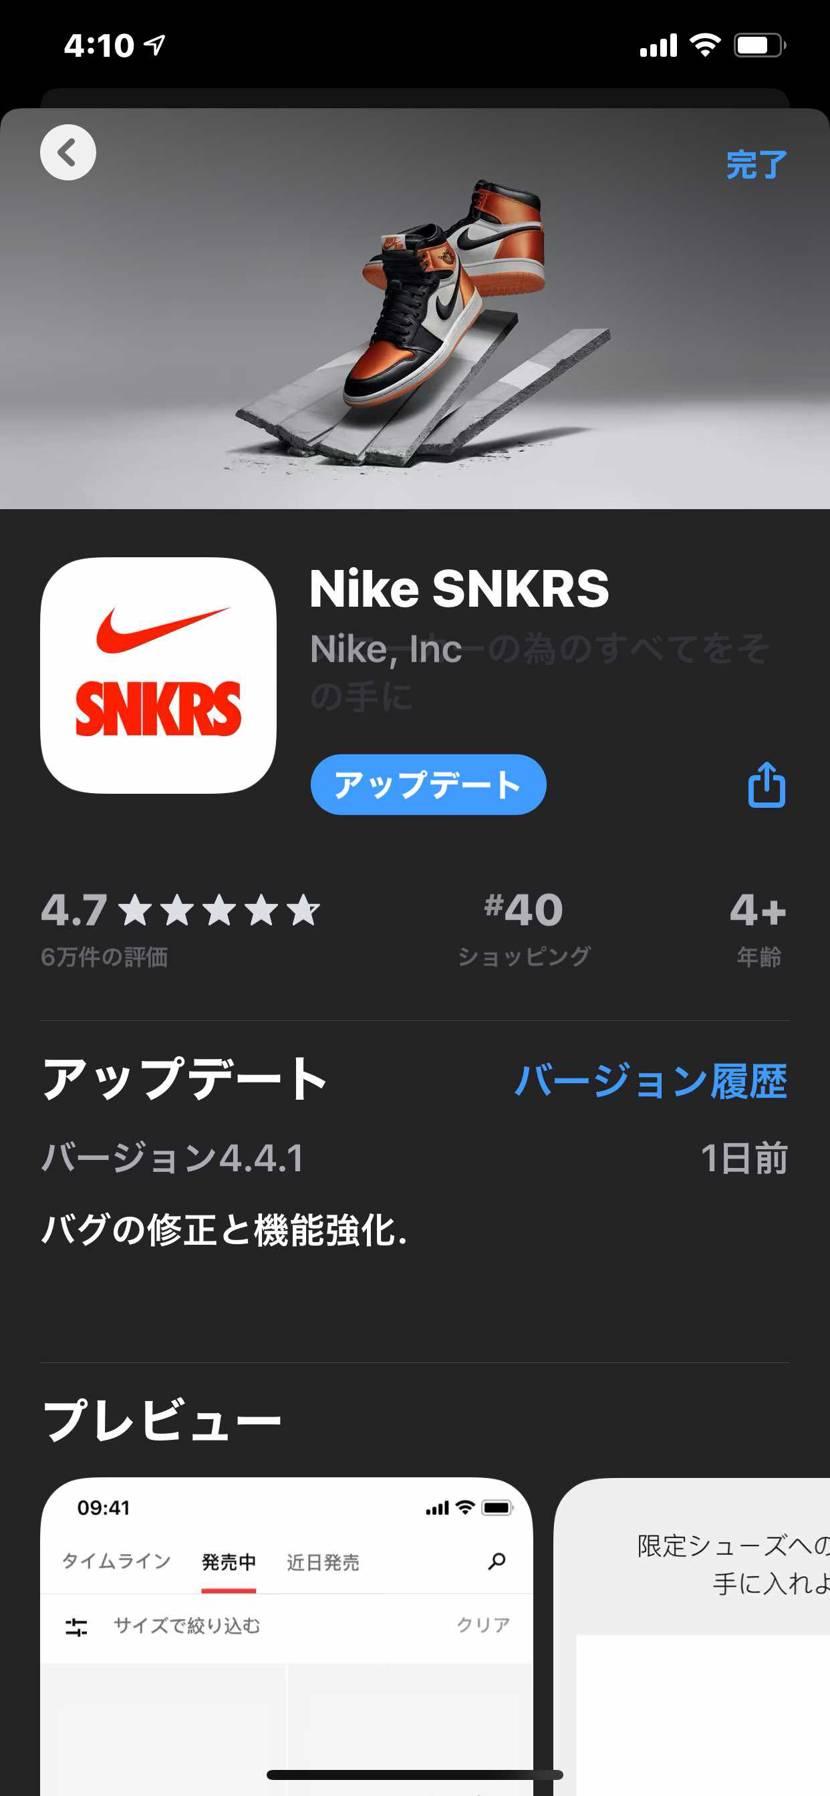 SNKRSアプデ来てますね! お忘れ無いように・・